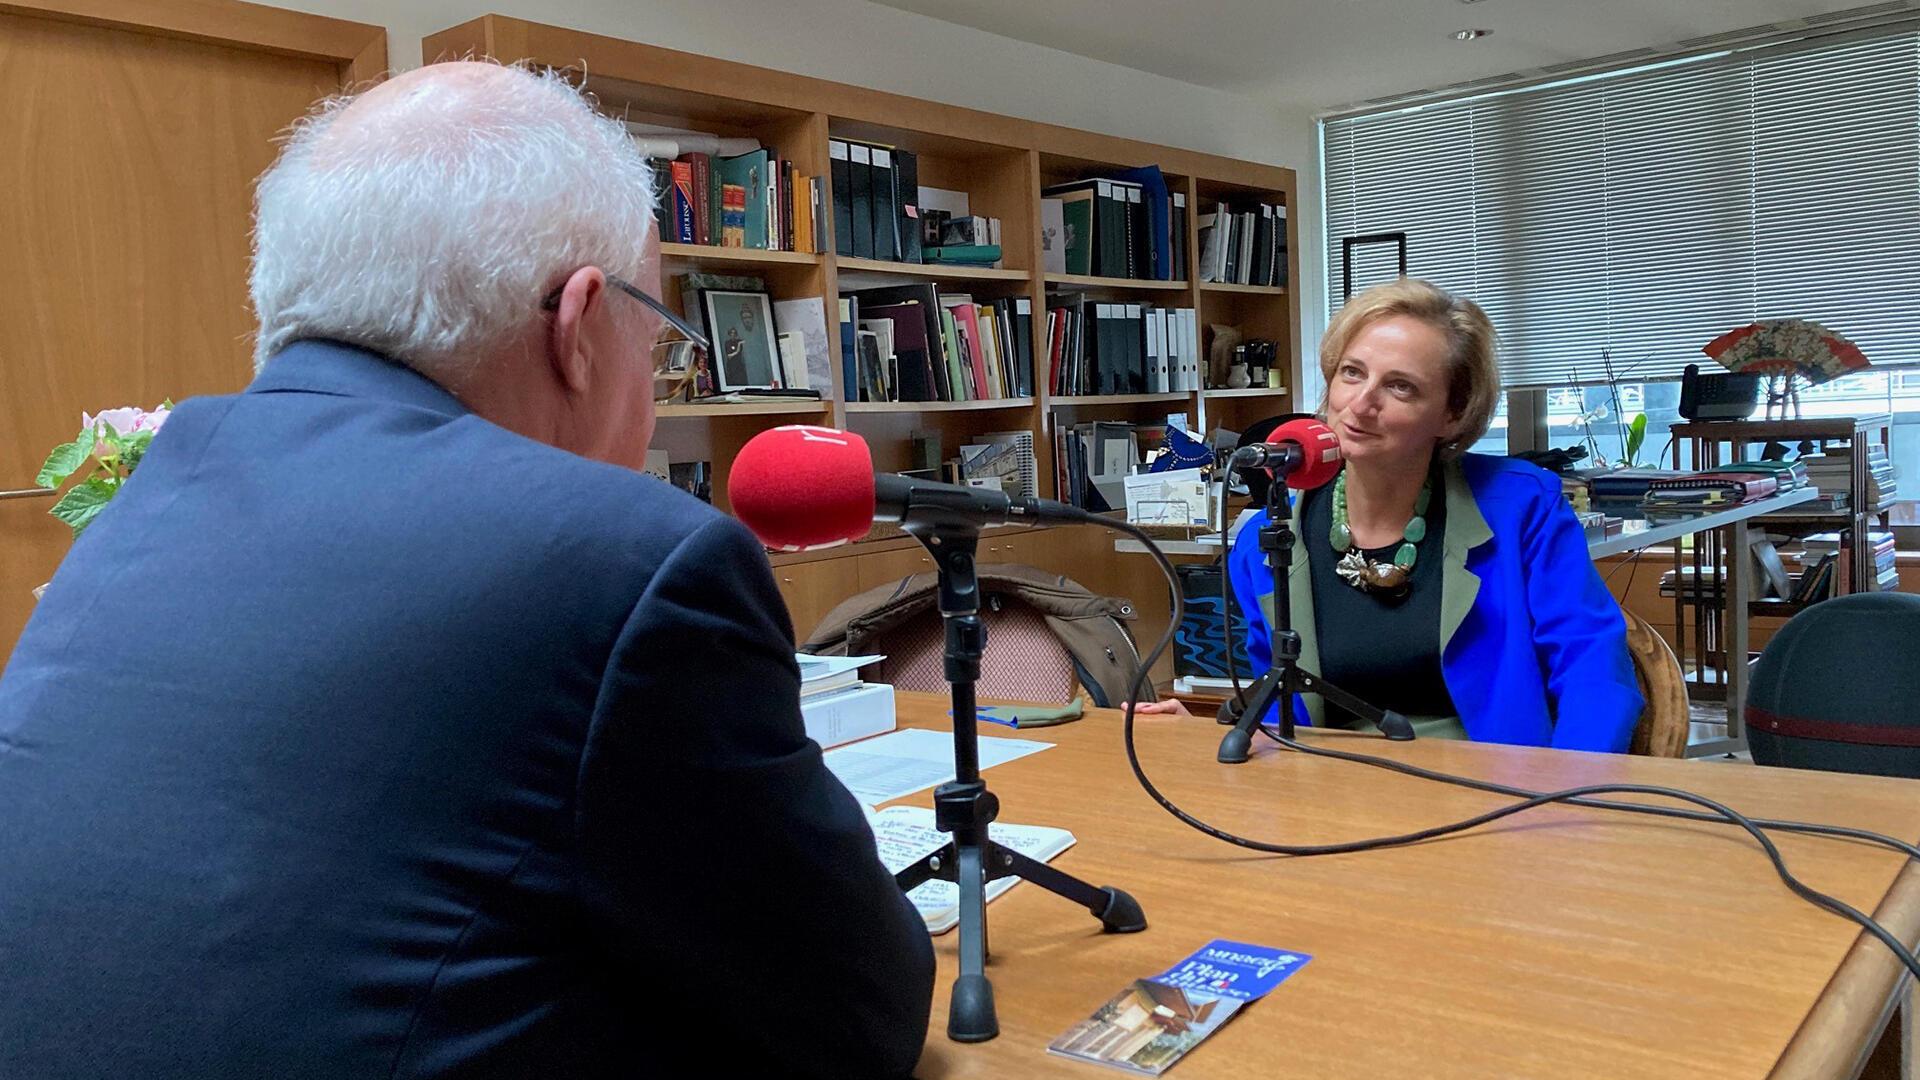 Sophie Makariou, présidente du Musée Guimet répond à Pierre-Édouard Deldique, lors de l'enregistrement de l'émission Idées.